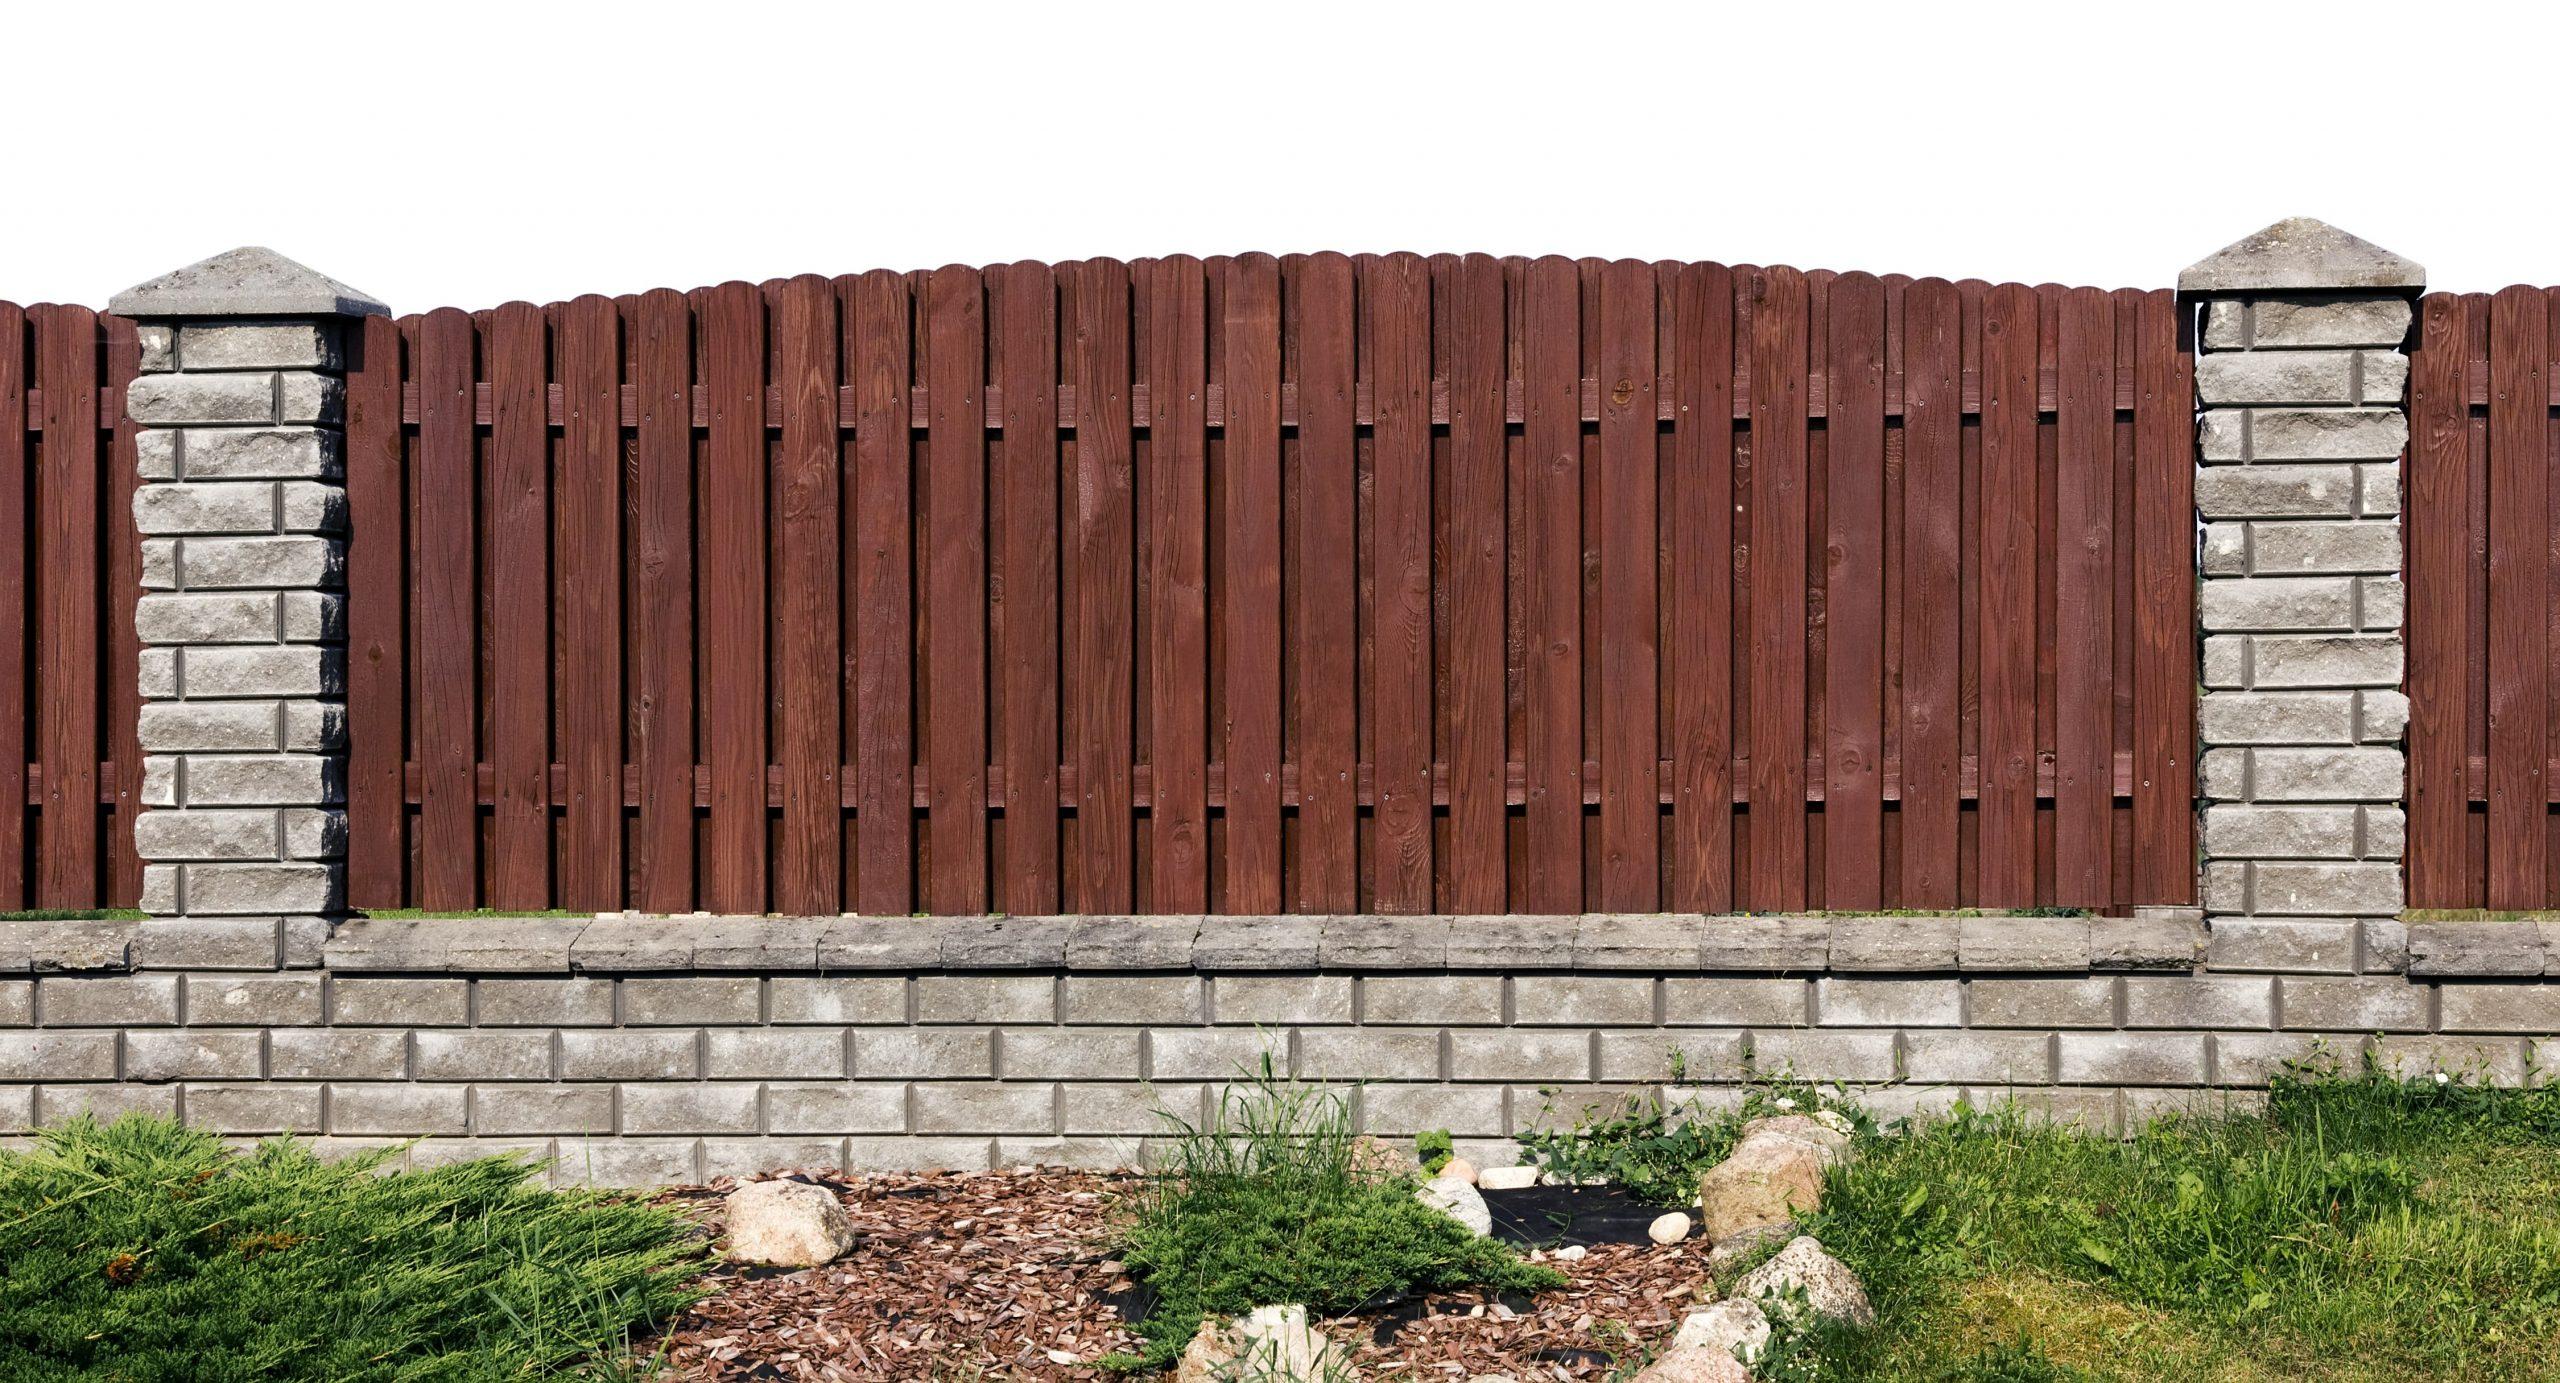 shutterstock_150504947-min-scaled.jpg